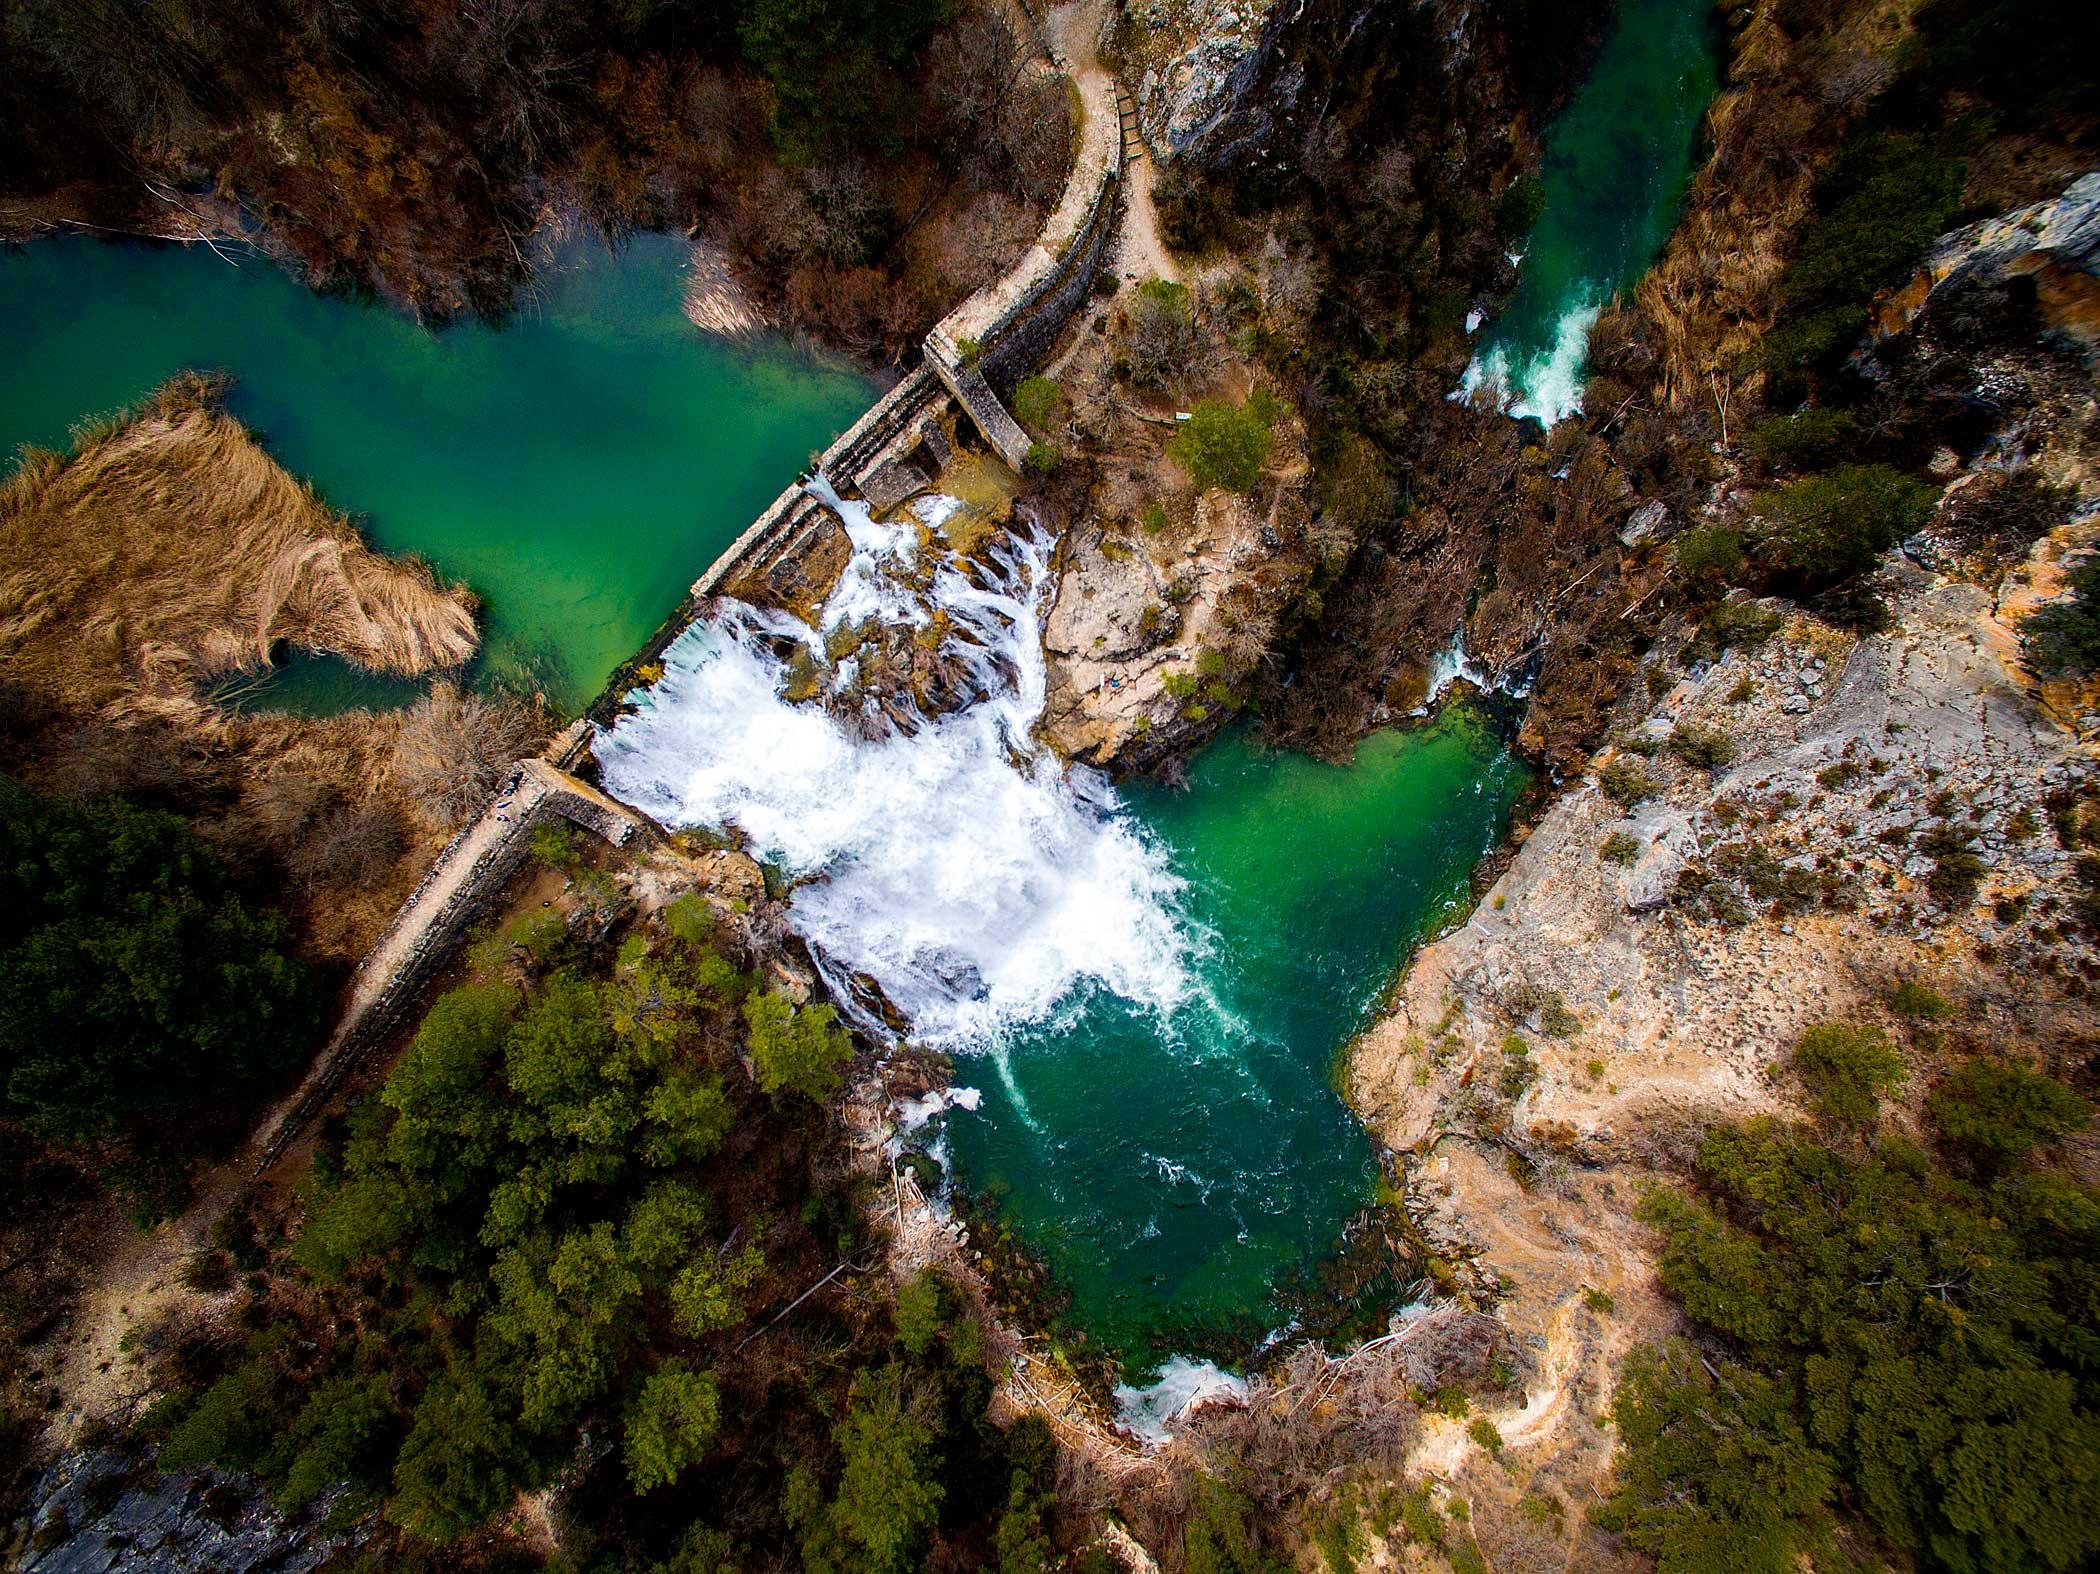 Salto de Poveda in Alto Tajo National Park in Guadalajara, Spain